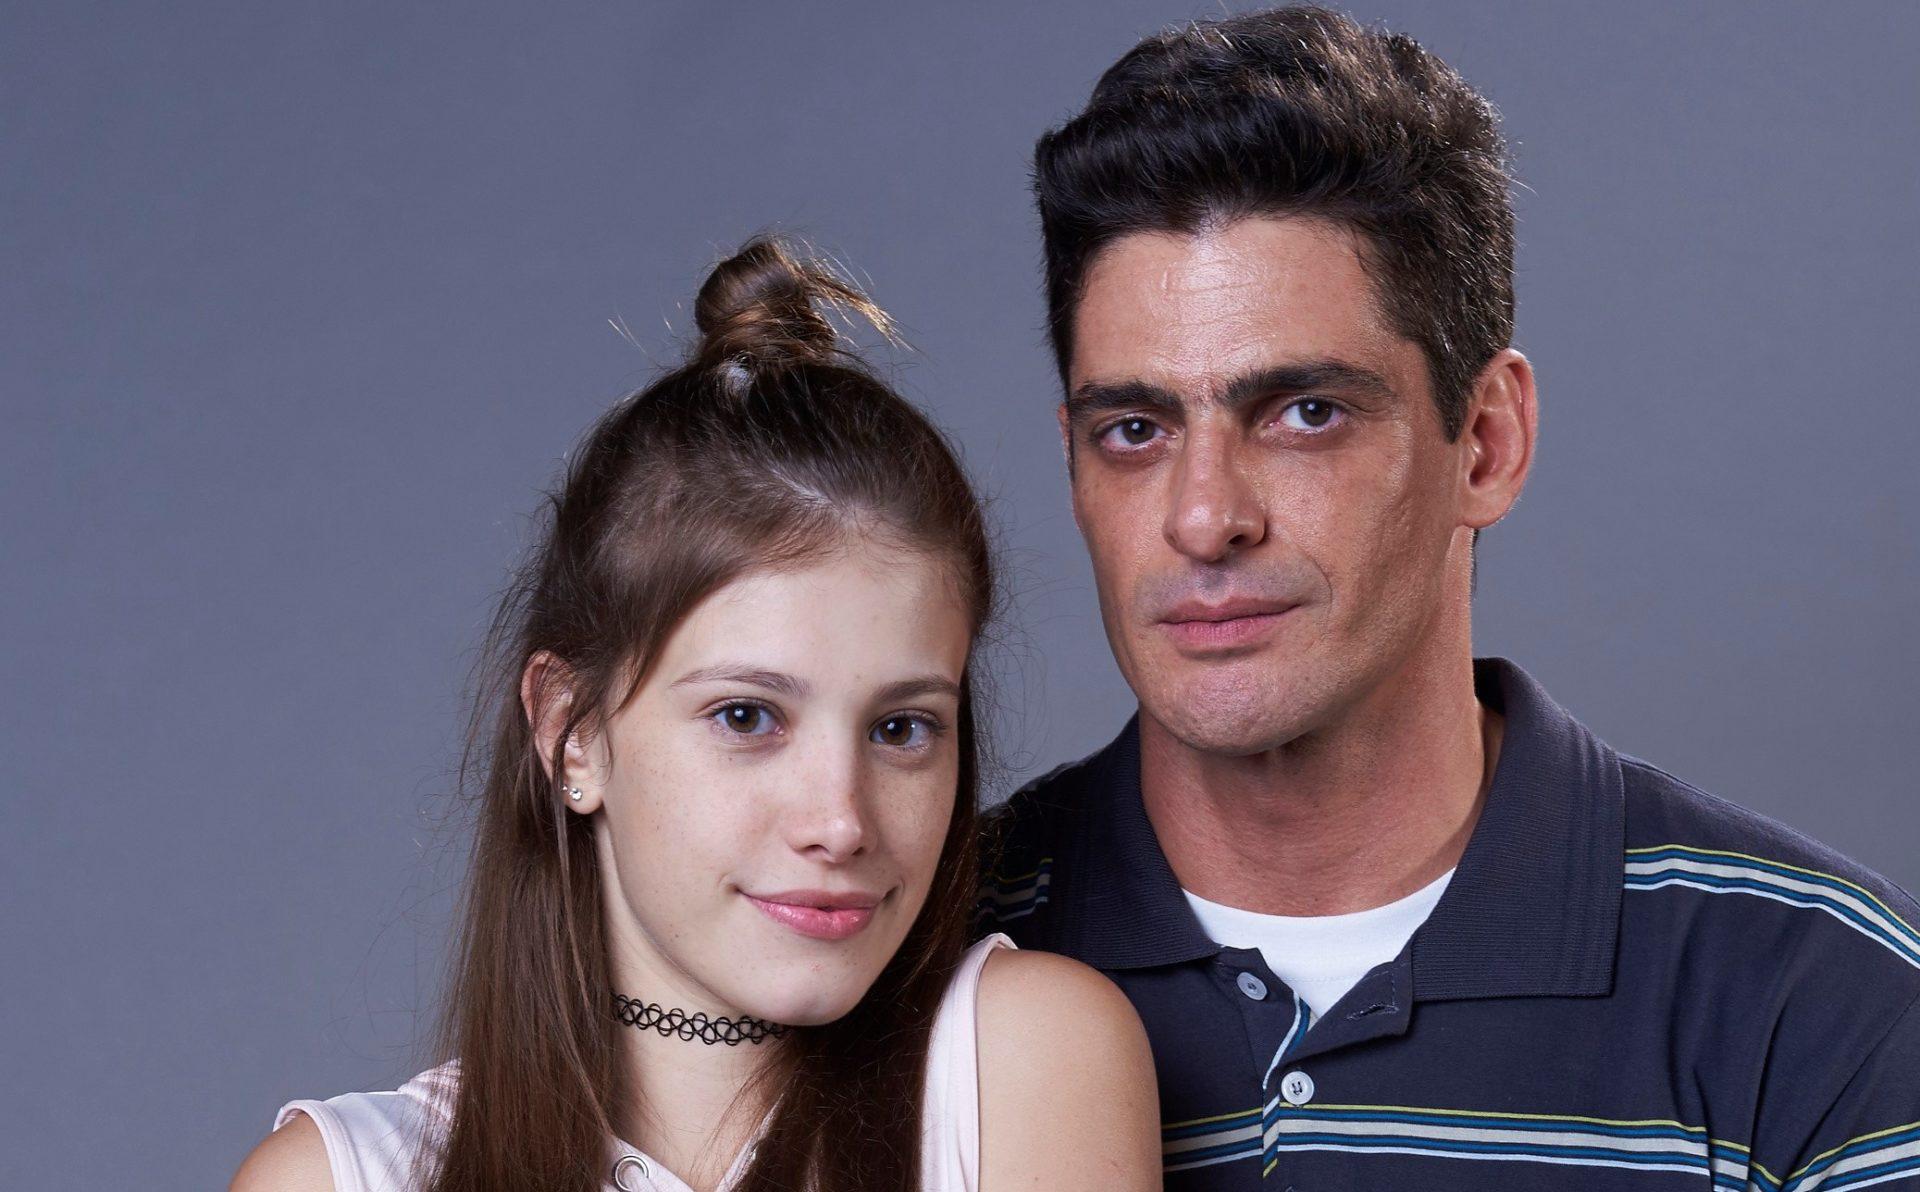 Caroline Dallarosa e Julio Machado que interpretam Anjinha e Major na novela Malhação da Globo (Imagem: Divulgação)